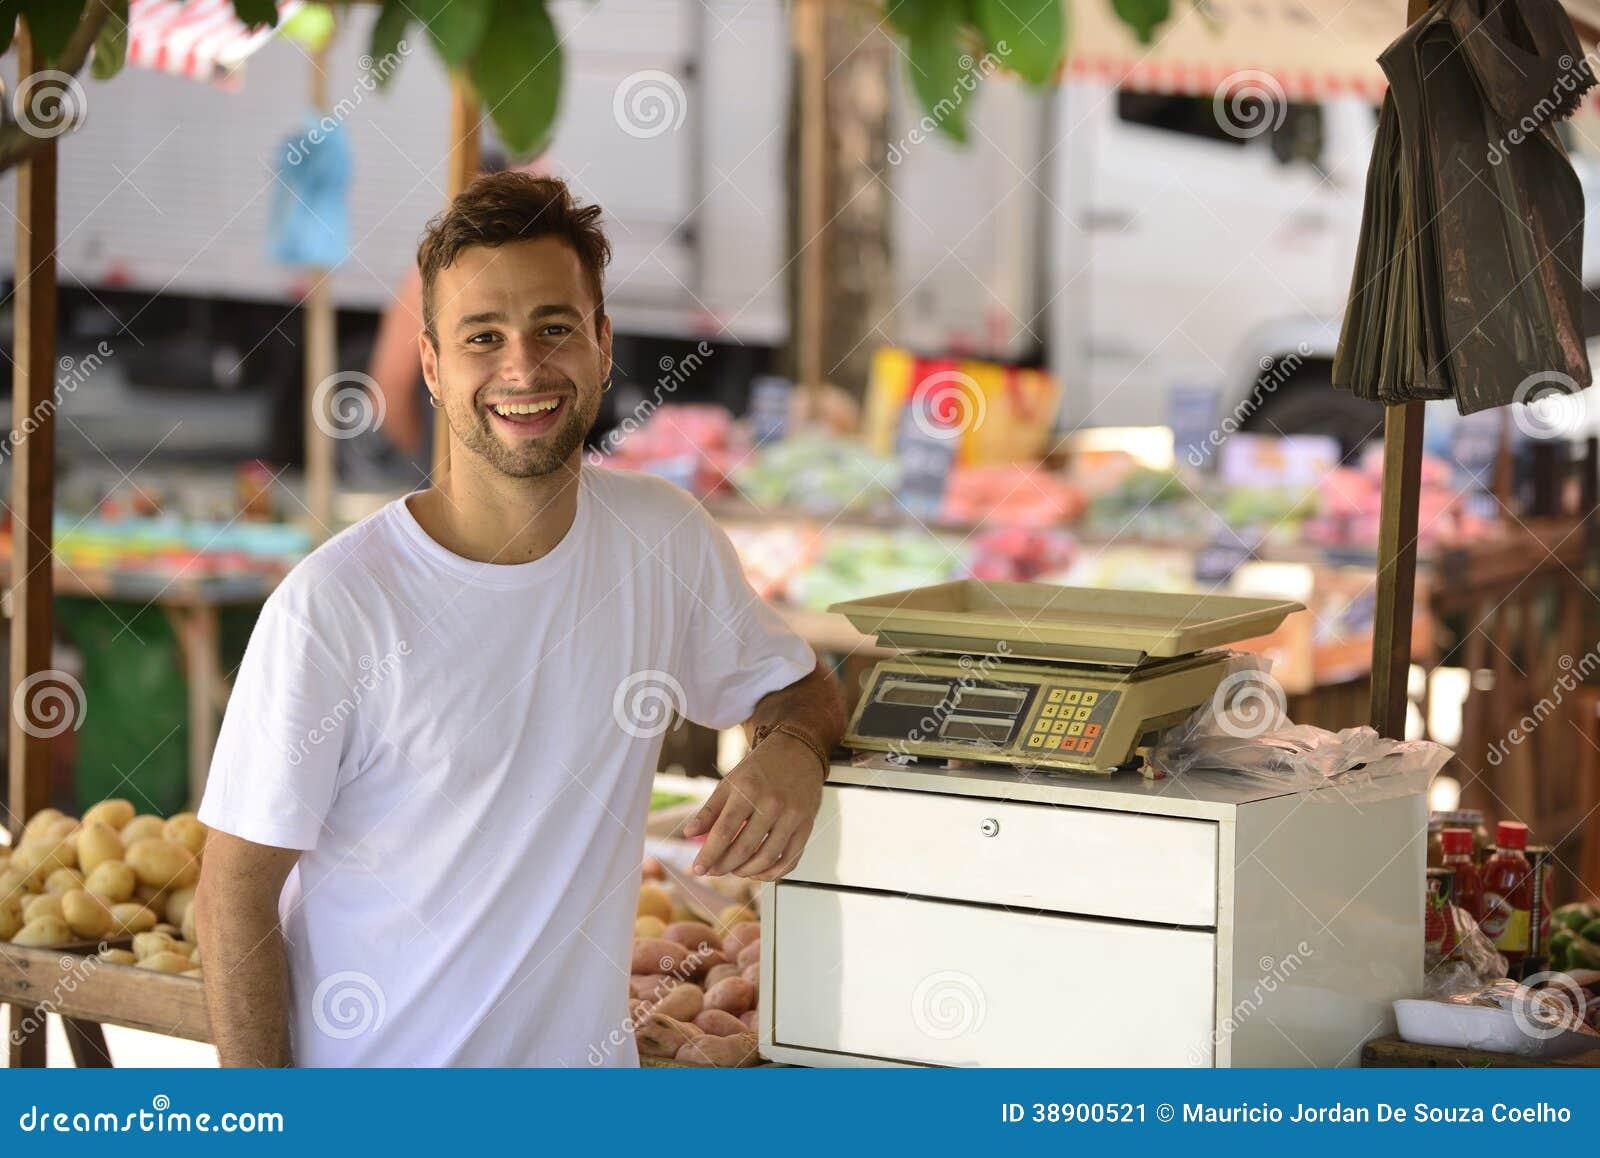 Предприниматель мелкого бизнеса продавая органические плодоовощи.